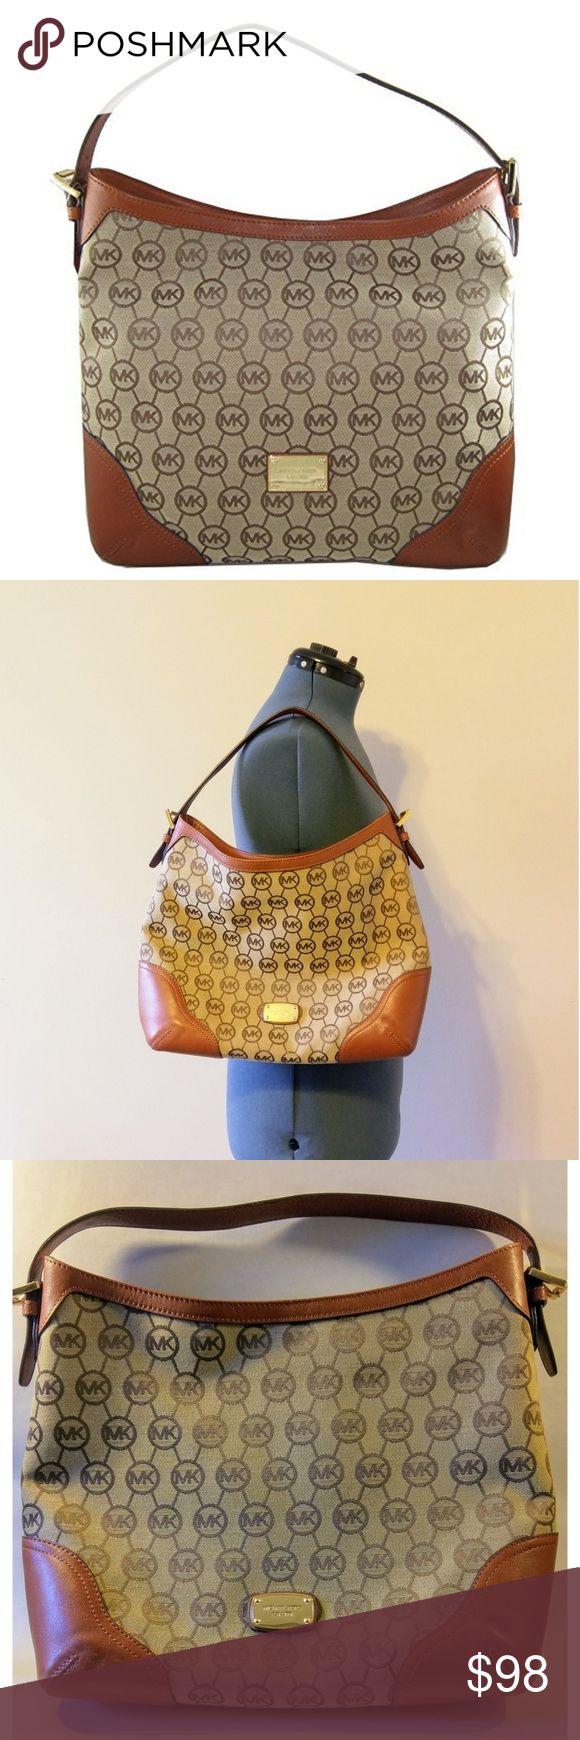 Michael Kors ¦ Millbrook Shoulder Bag (EUC) MK Millbrook leather & jacquard fabric, brown/gold shoulder Bag.   Gently used. Like new. No scratches or scrapes. Michael Kors Bags Shoulder Bags